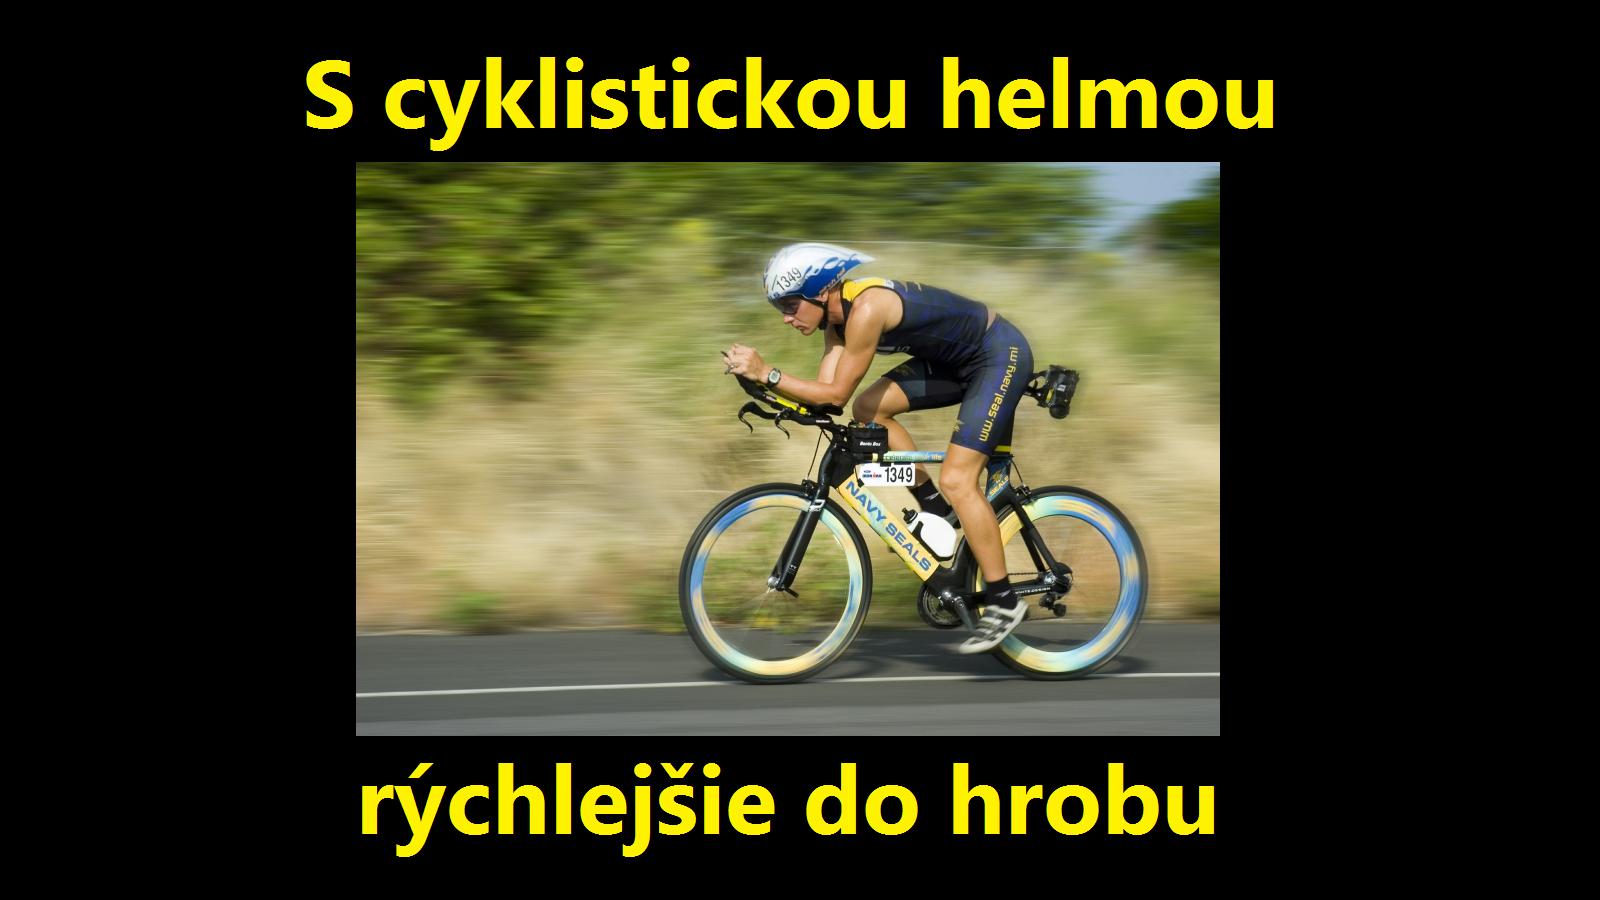 46dfb4756ff2d Cyklistické helmy ohrozujú cyklistov | NežerŠalát.sk - Blog o ...